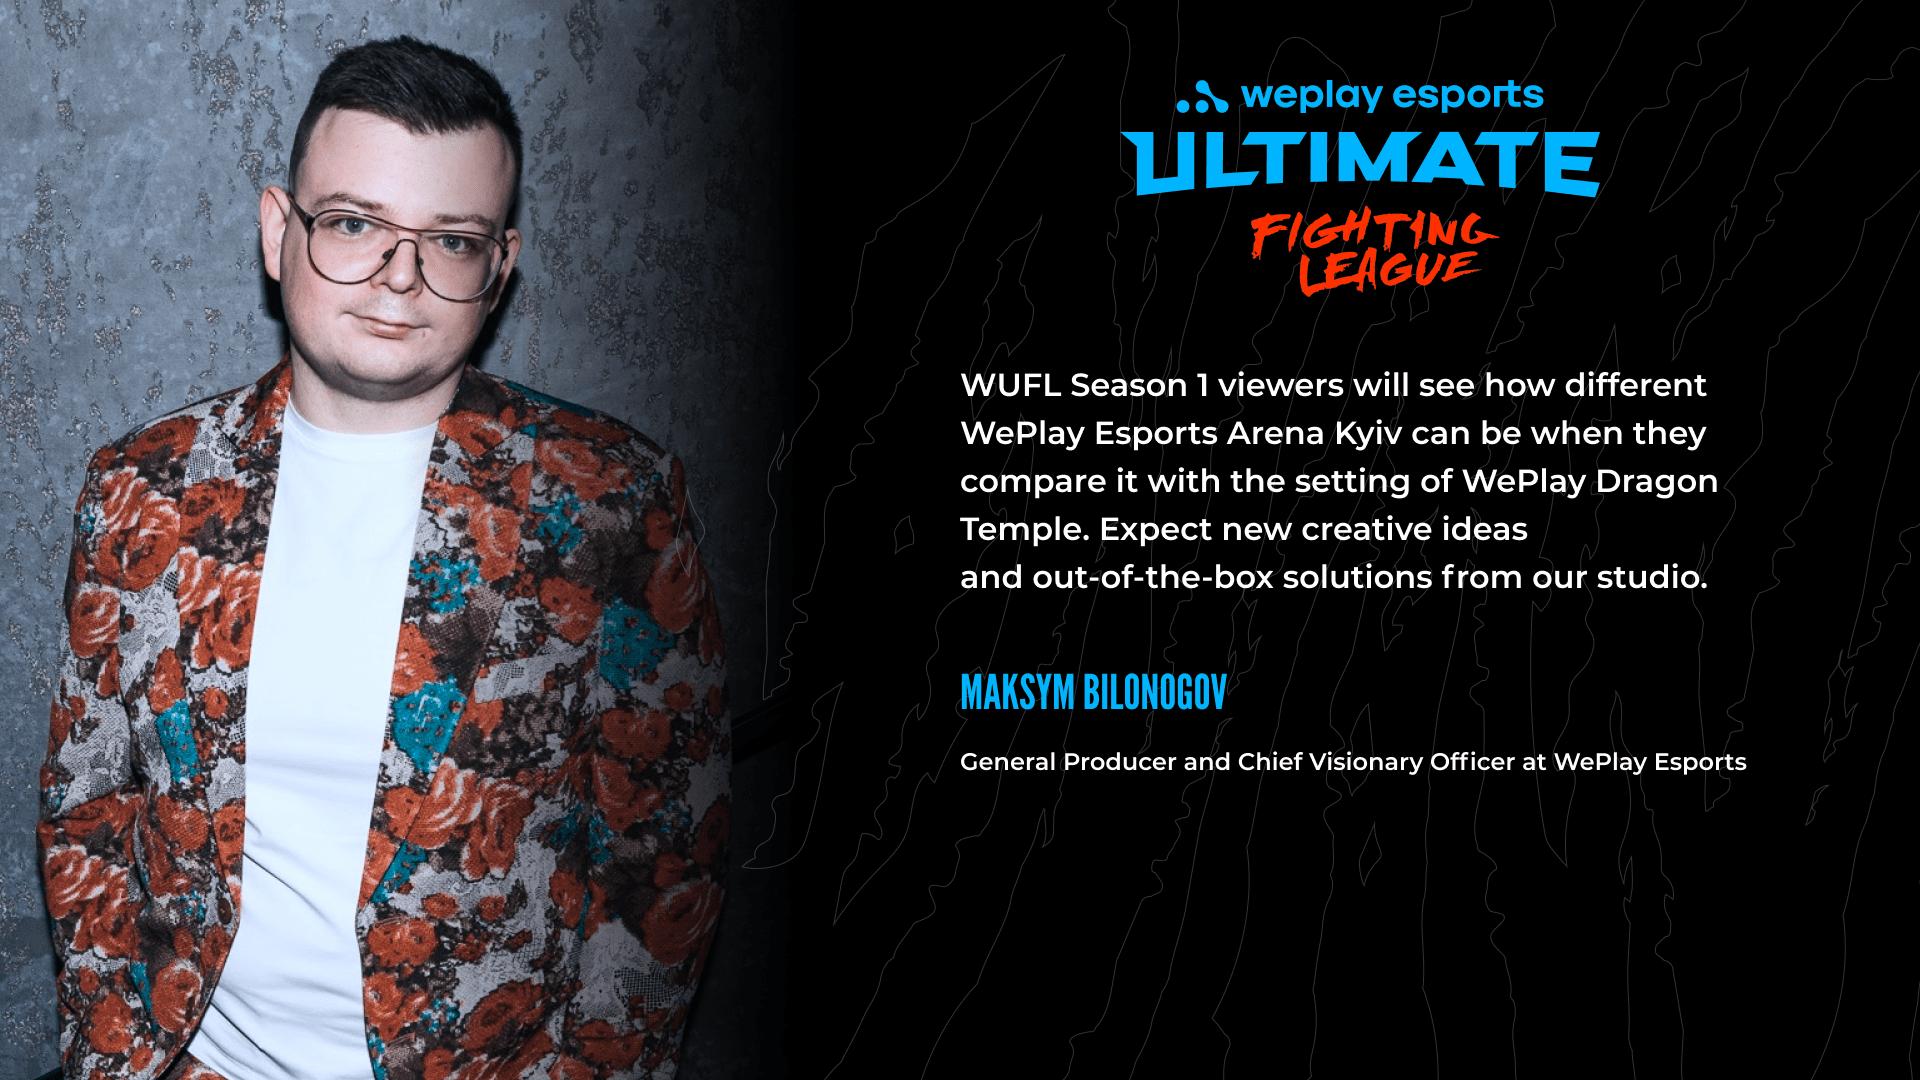 Max Bilinogov speaks about WUFL Season 1